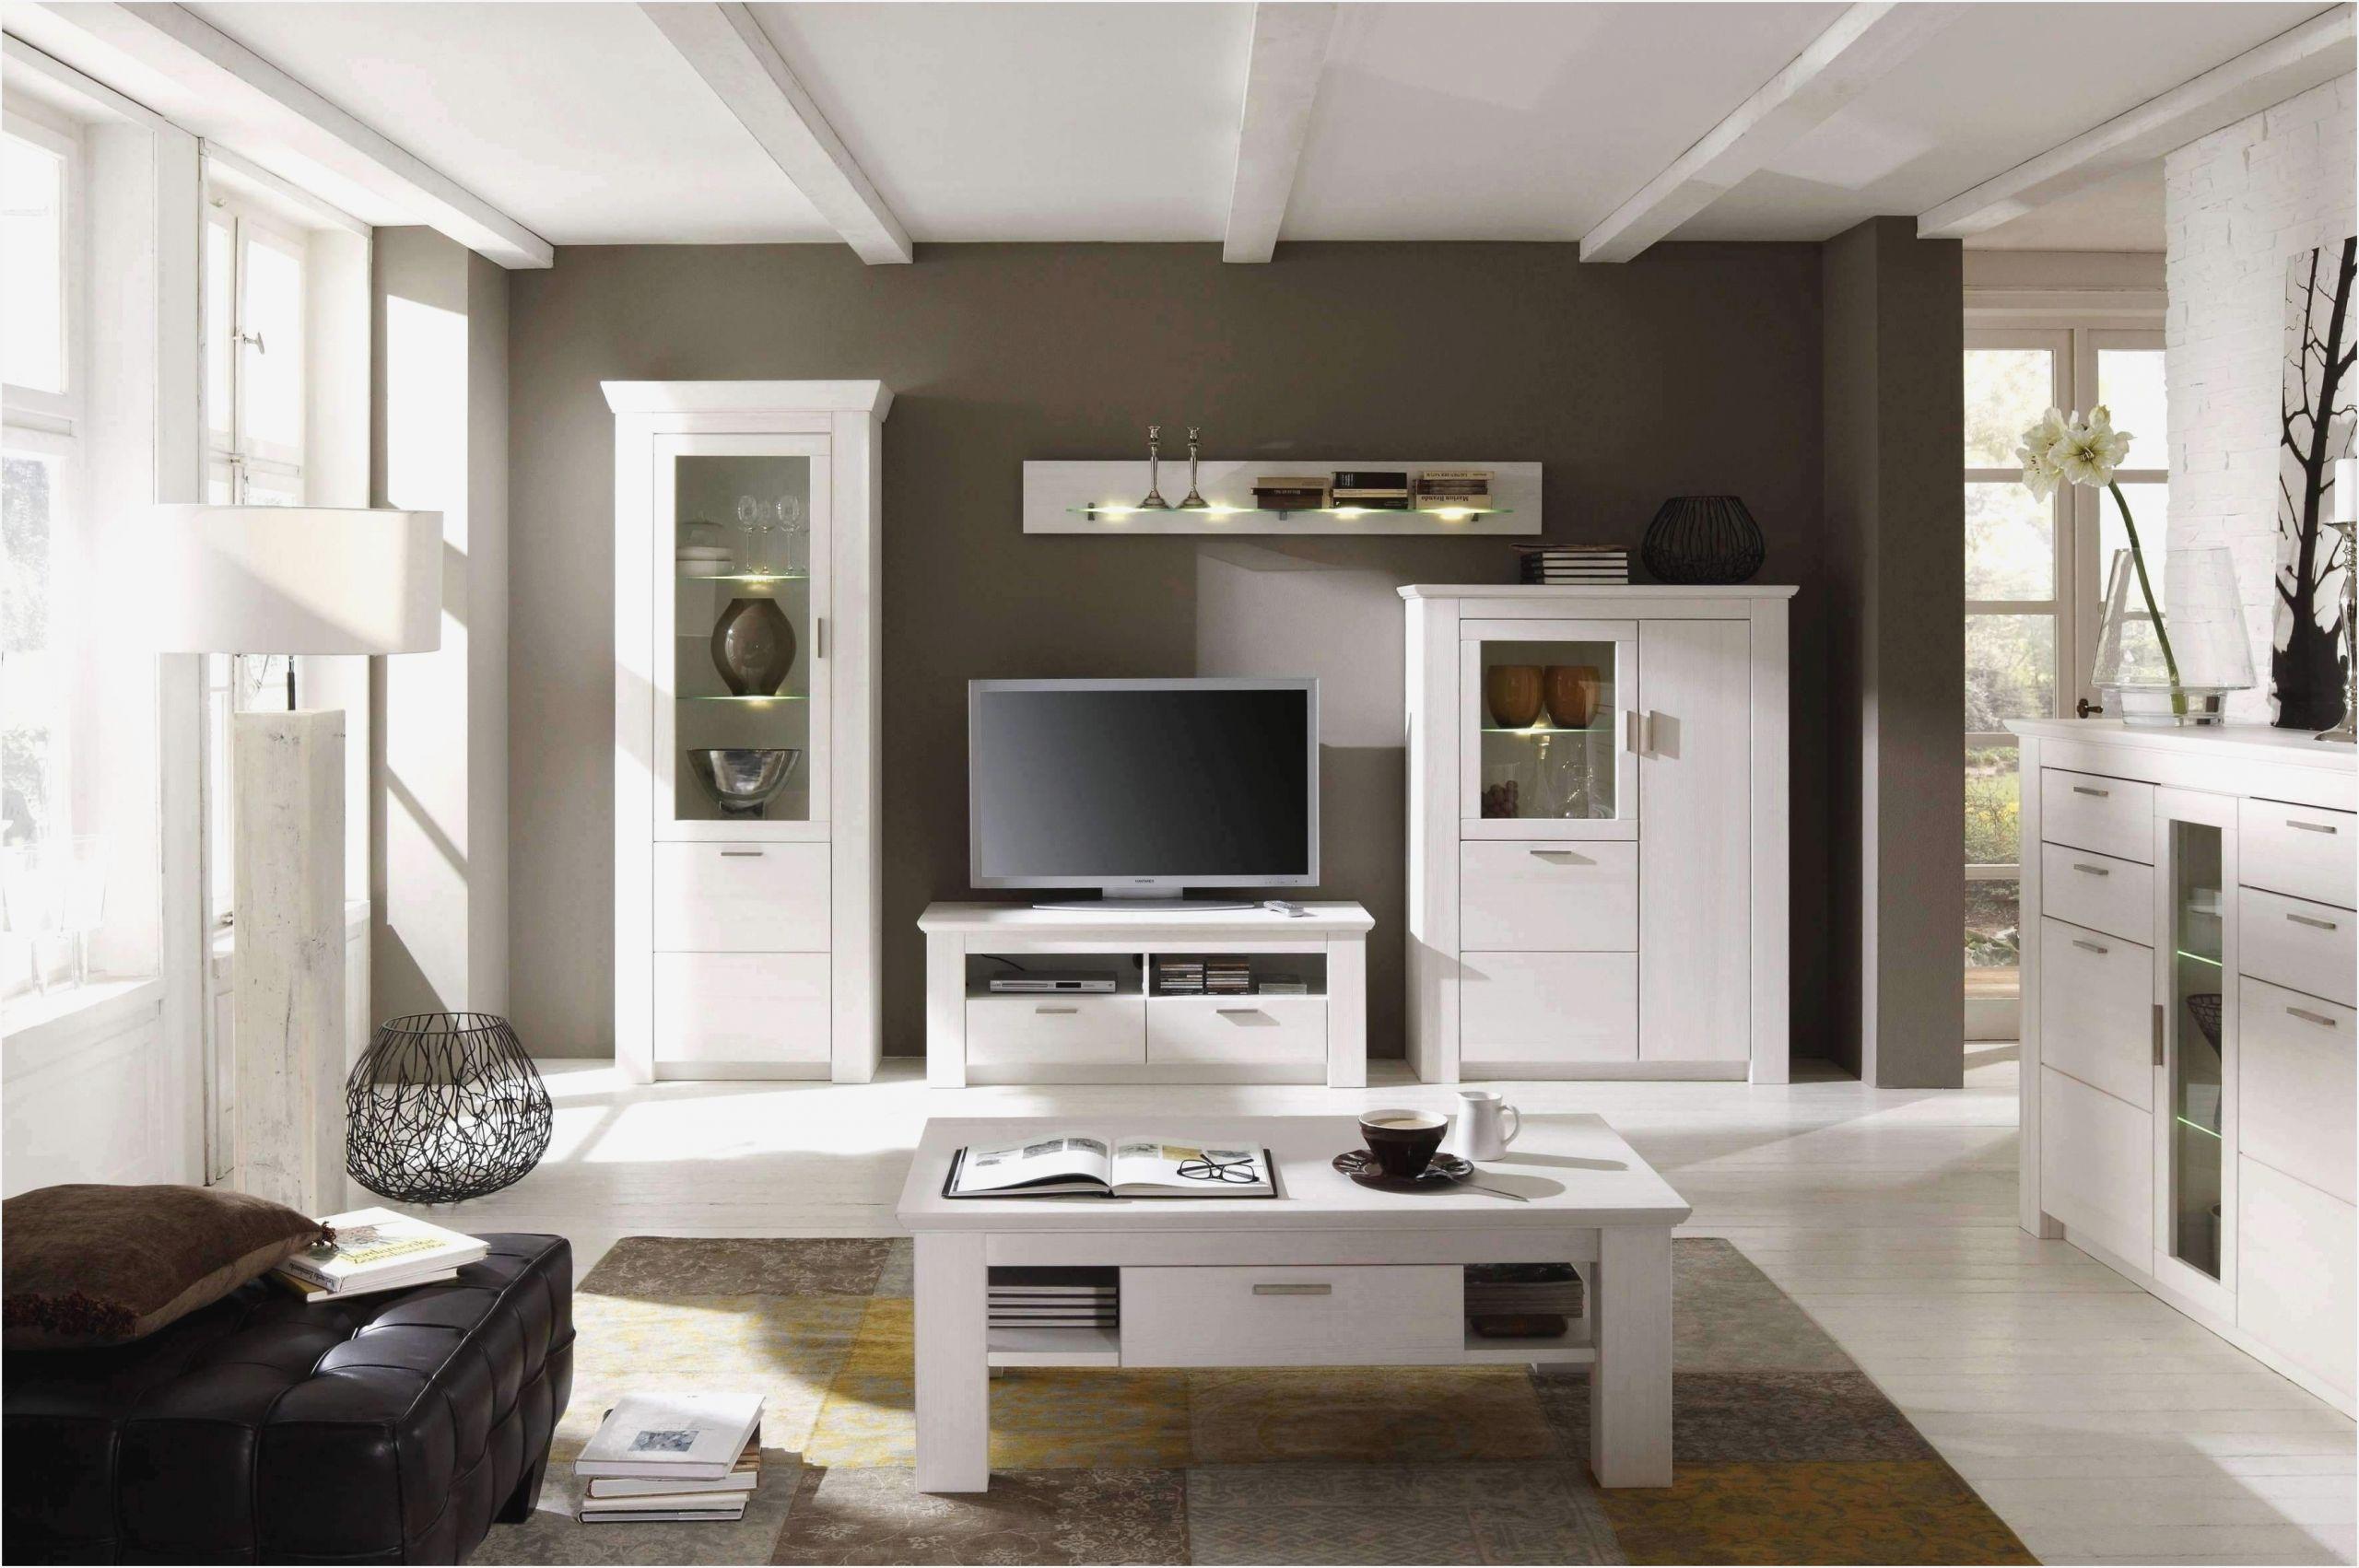 Full Size of Wandregale Wohnzimmer Ikea Bild Traumhaus Küche Kosten Sofa Mit Schlaffunktion Modulküche Miniküche Kaufen Betten 160x200 Bei Wohnzimmer Ikea Wandregale